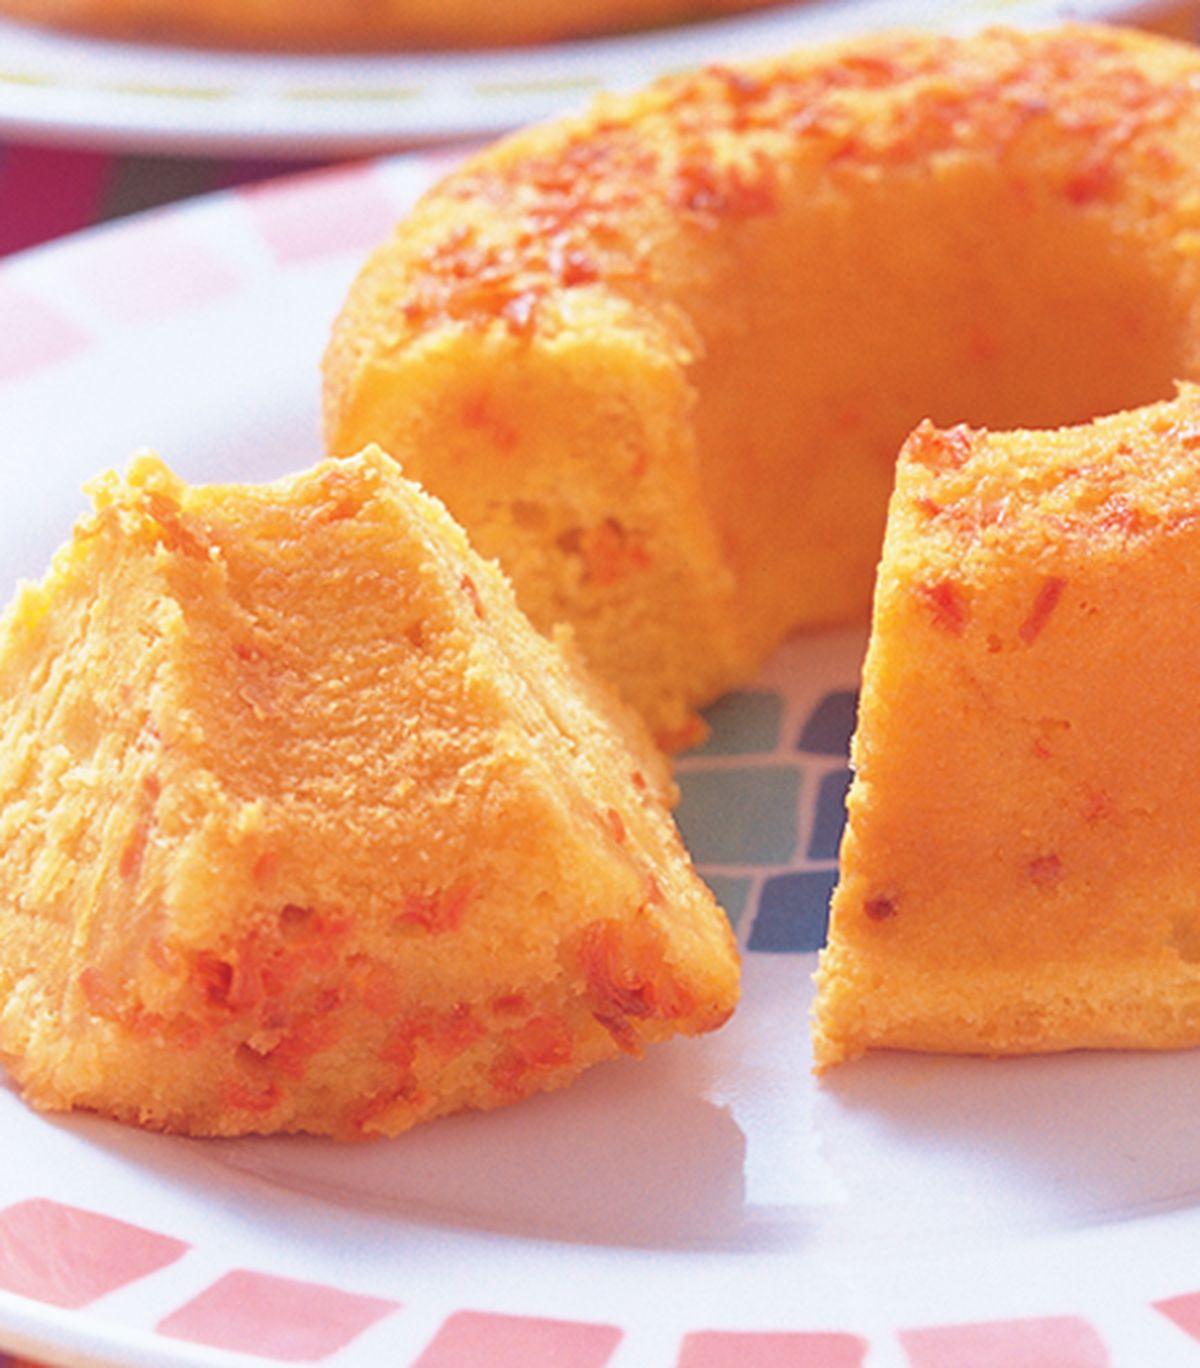 食譜:紅蘿蔔蜂蜜蛋糕